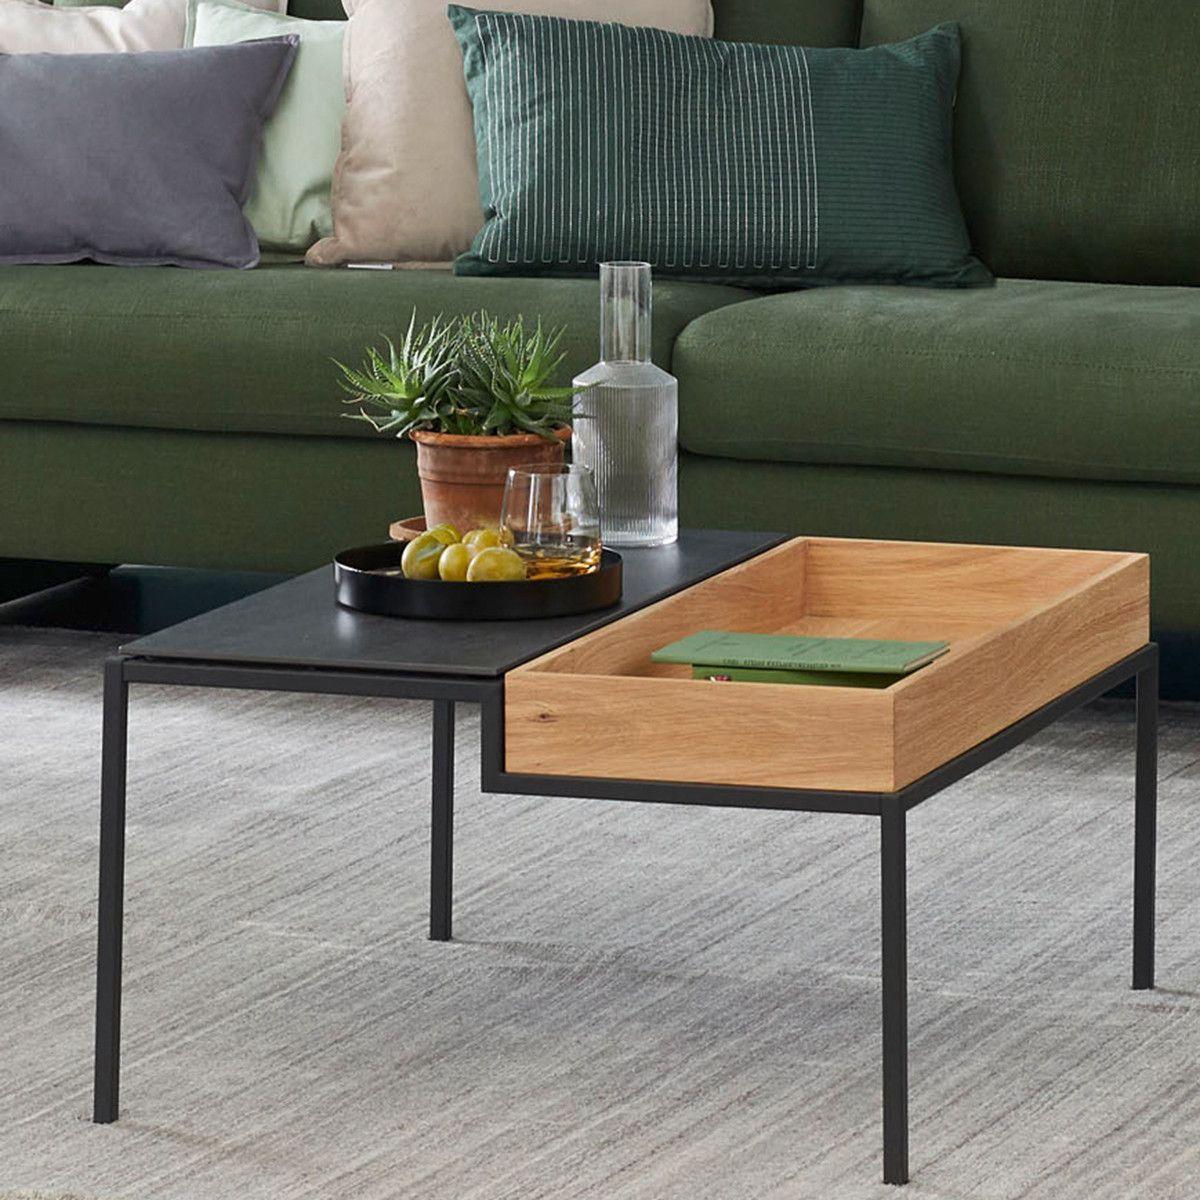 Couchtisch Step Aus Der Schoner Wohnen Kollektion Kombiniert Eine Keramikplatte In Der Optik Beton Mit Einem Tablett Aus Eich Wohnzimmertische Couchtisch Tisch